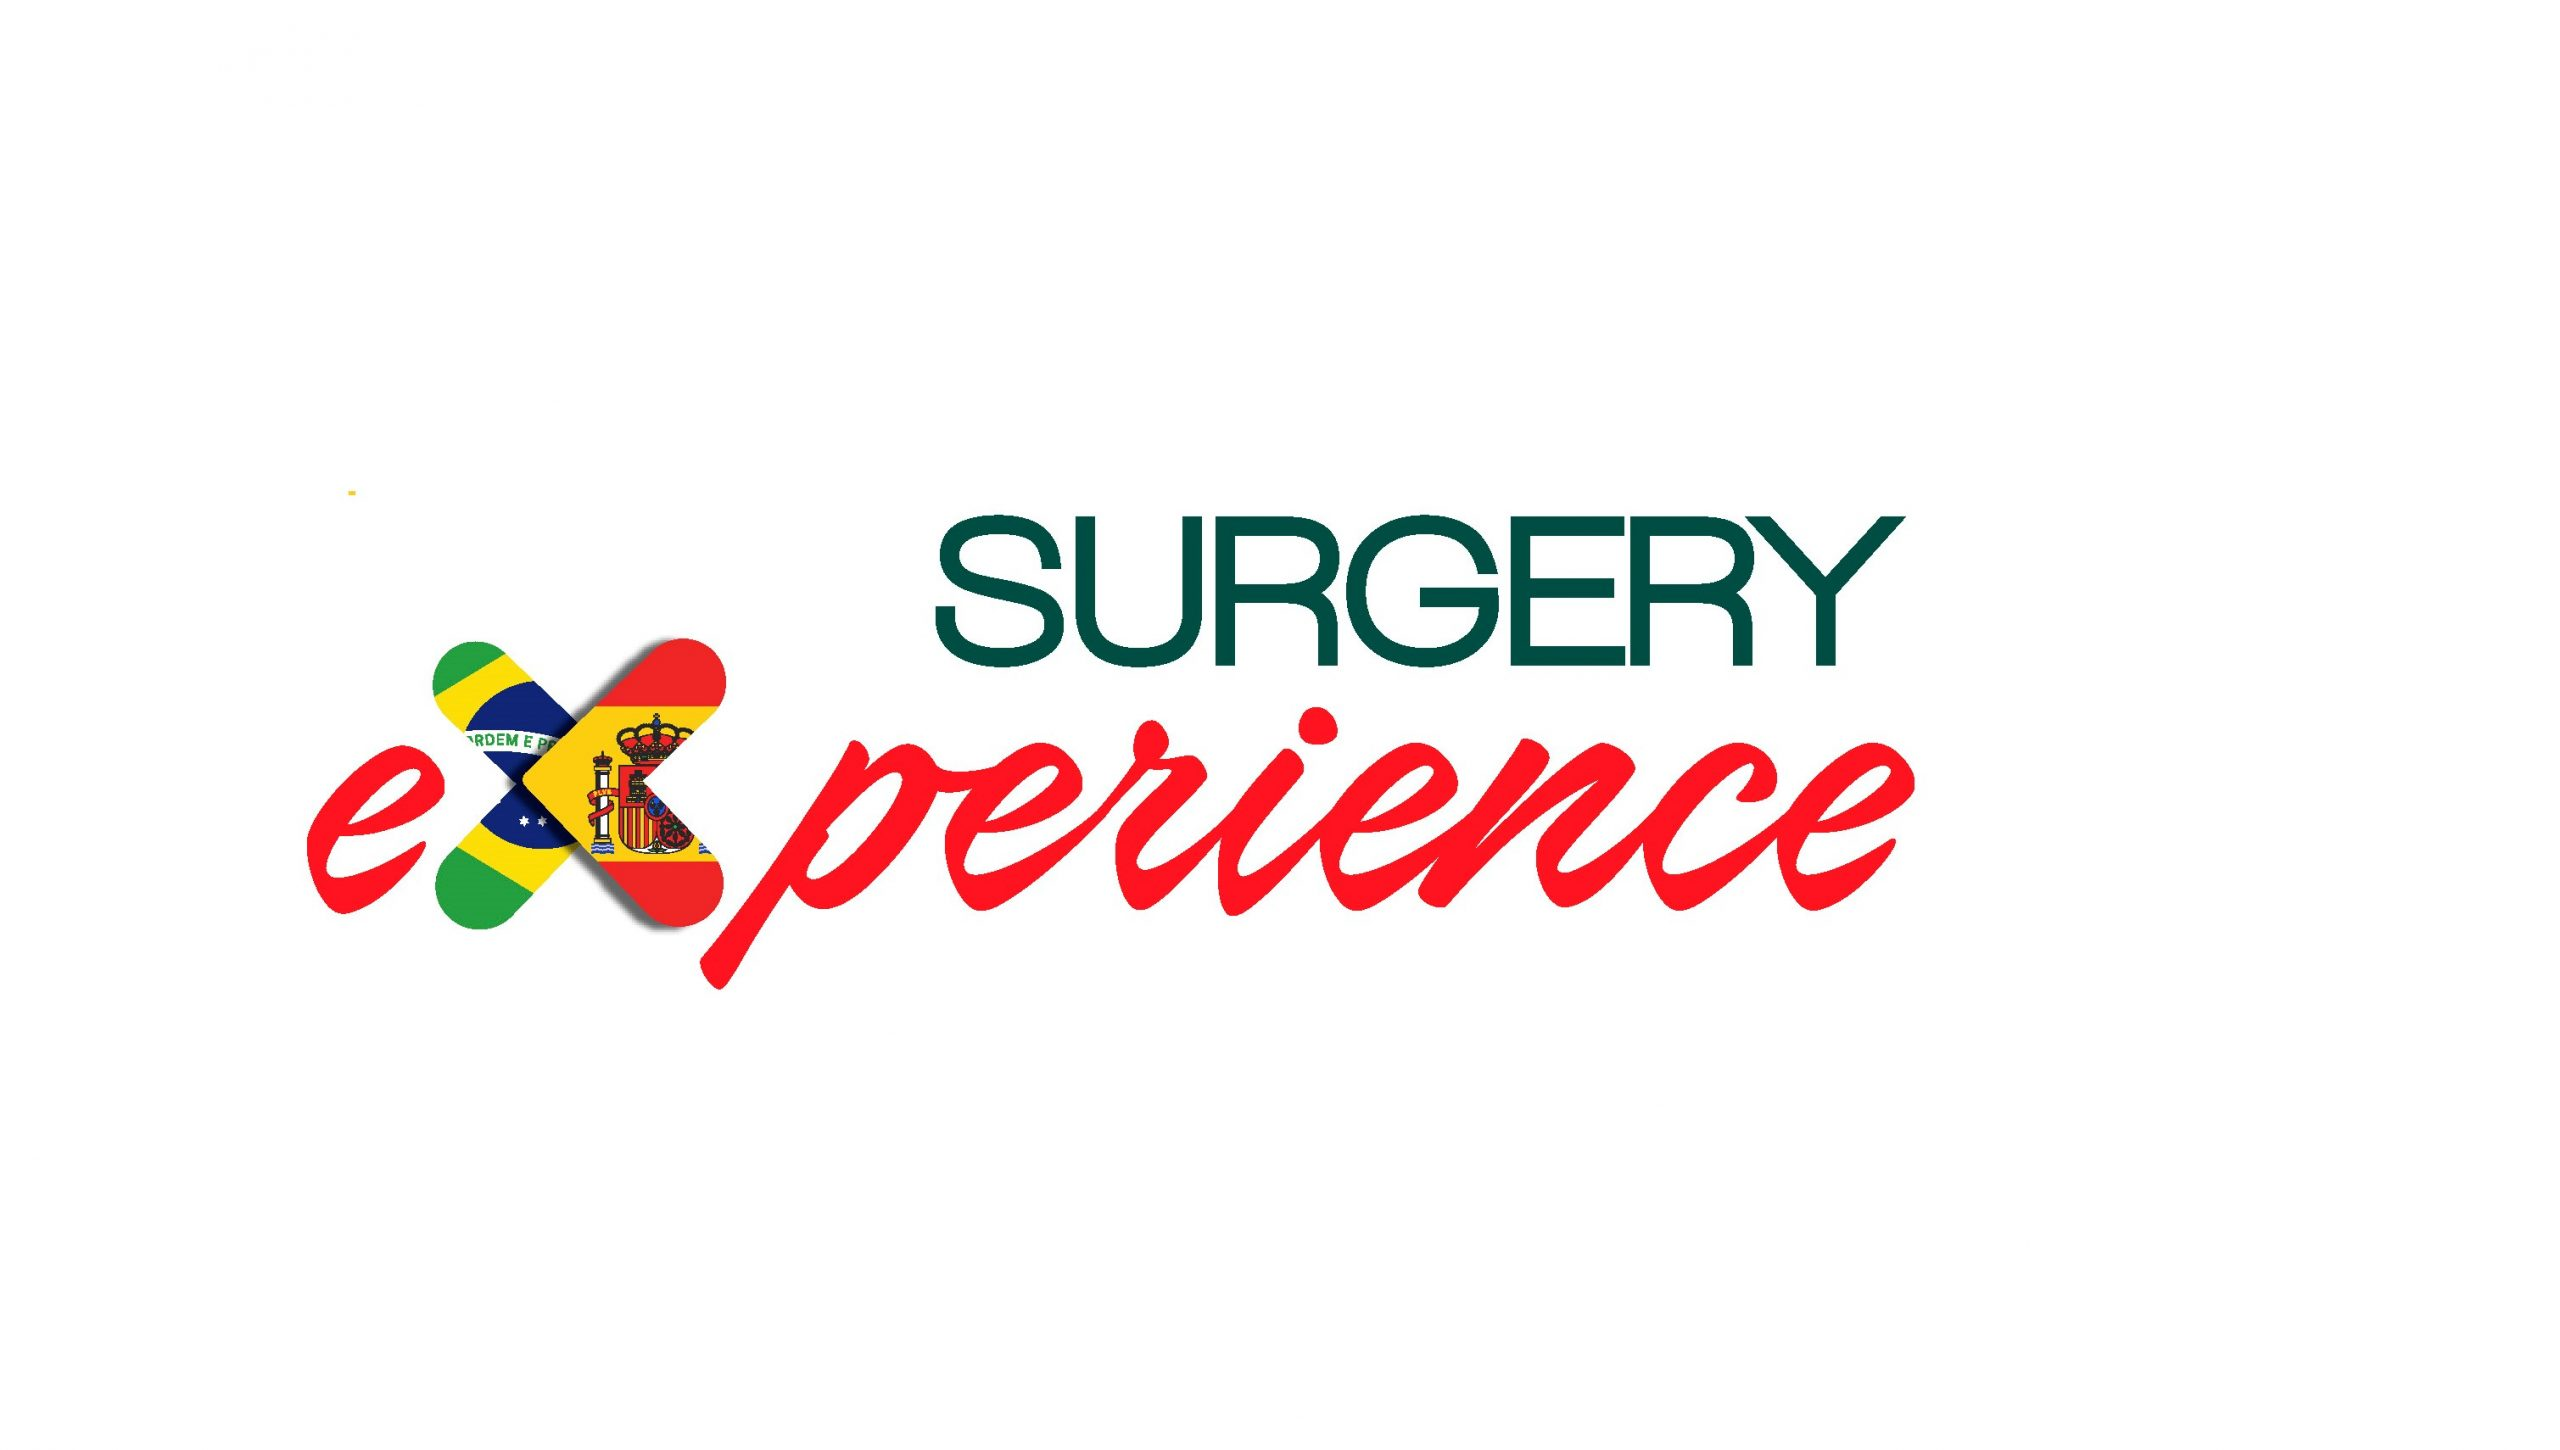 surgery experience dental innovation cirugias con pacientes formacion clinica en brasil